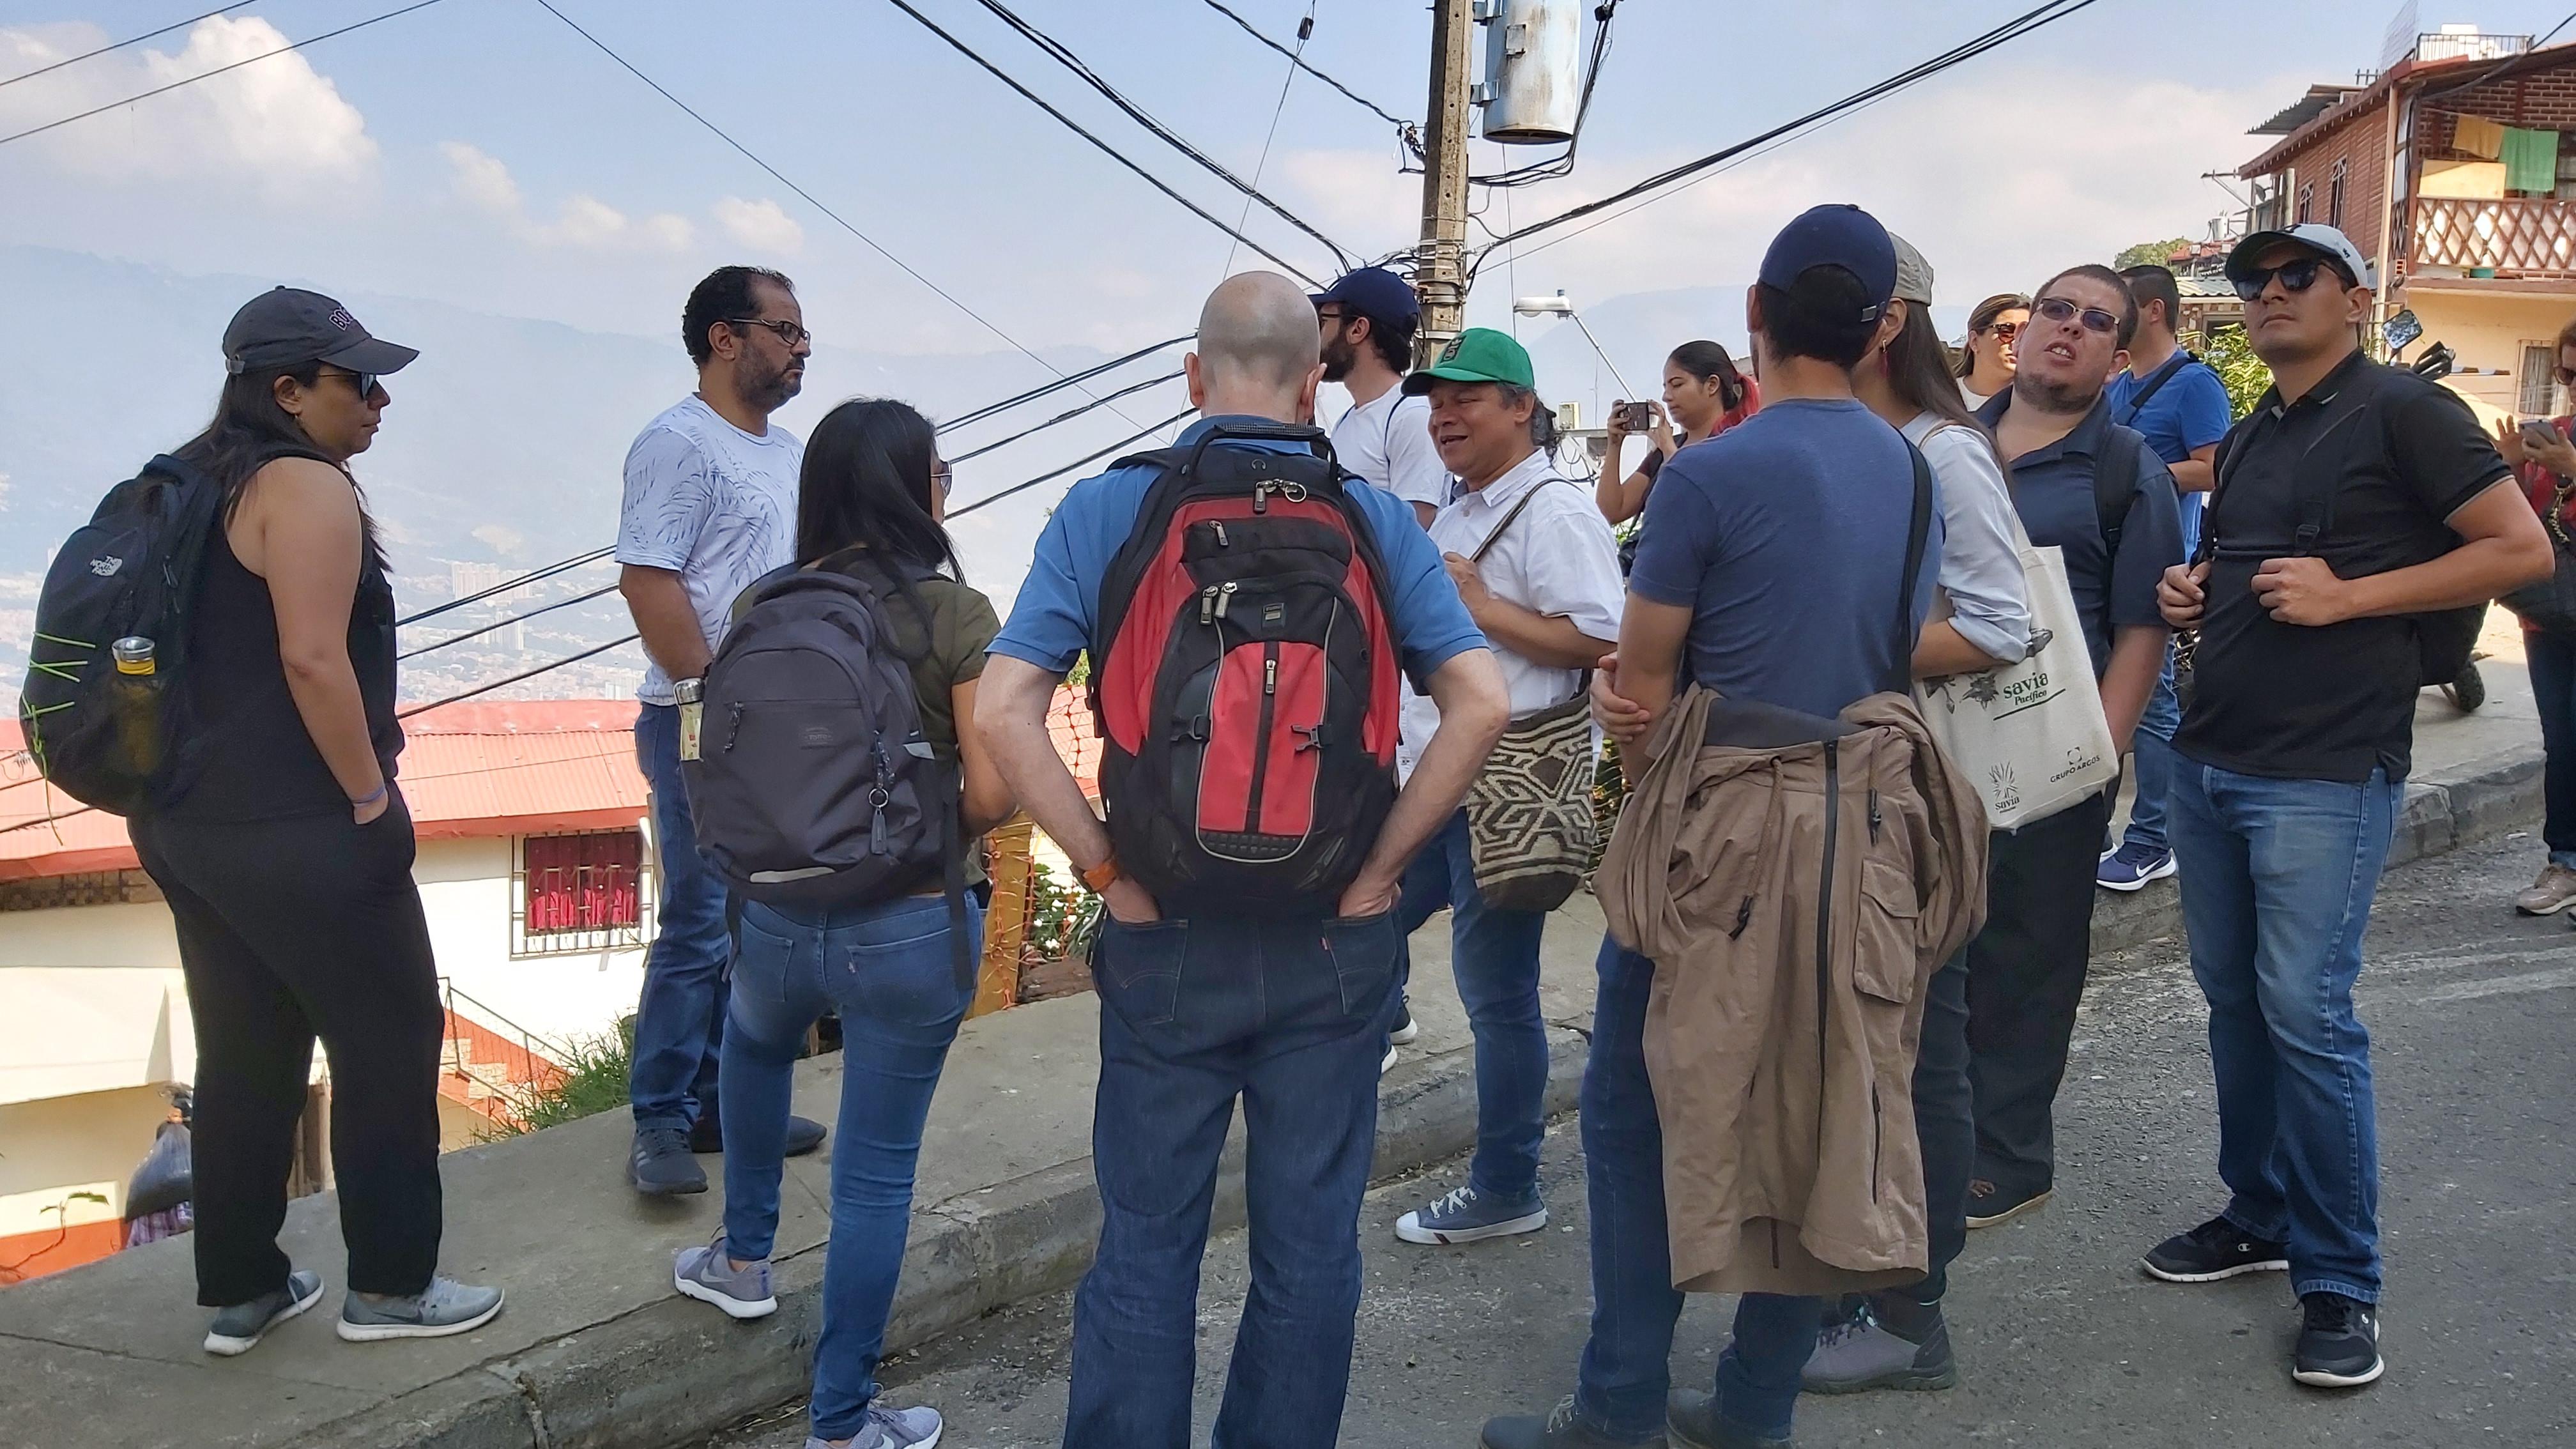 Seguridad ciudadana en Costa Rica: una revolucionaria mirada para enfrentarla